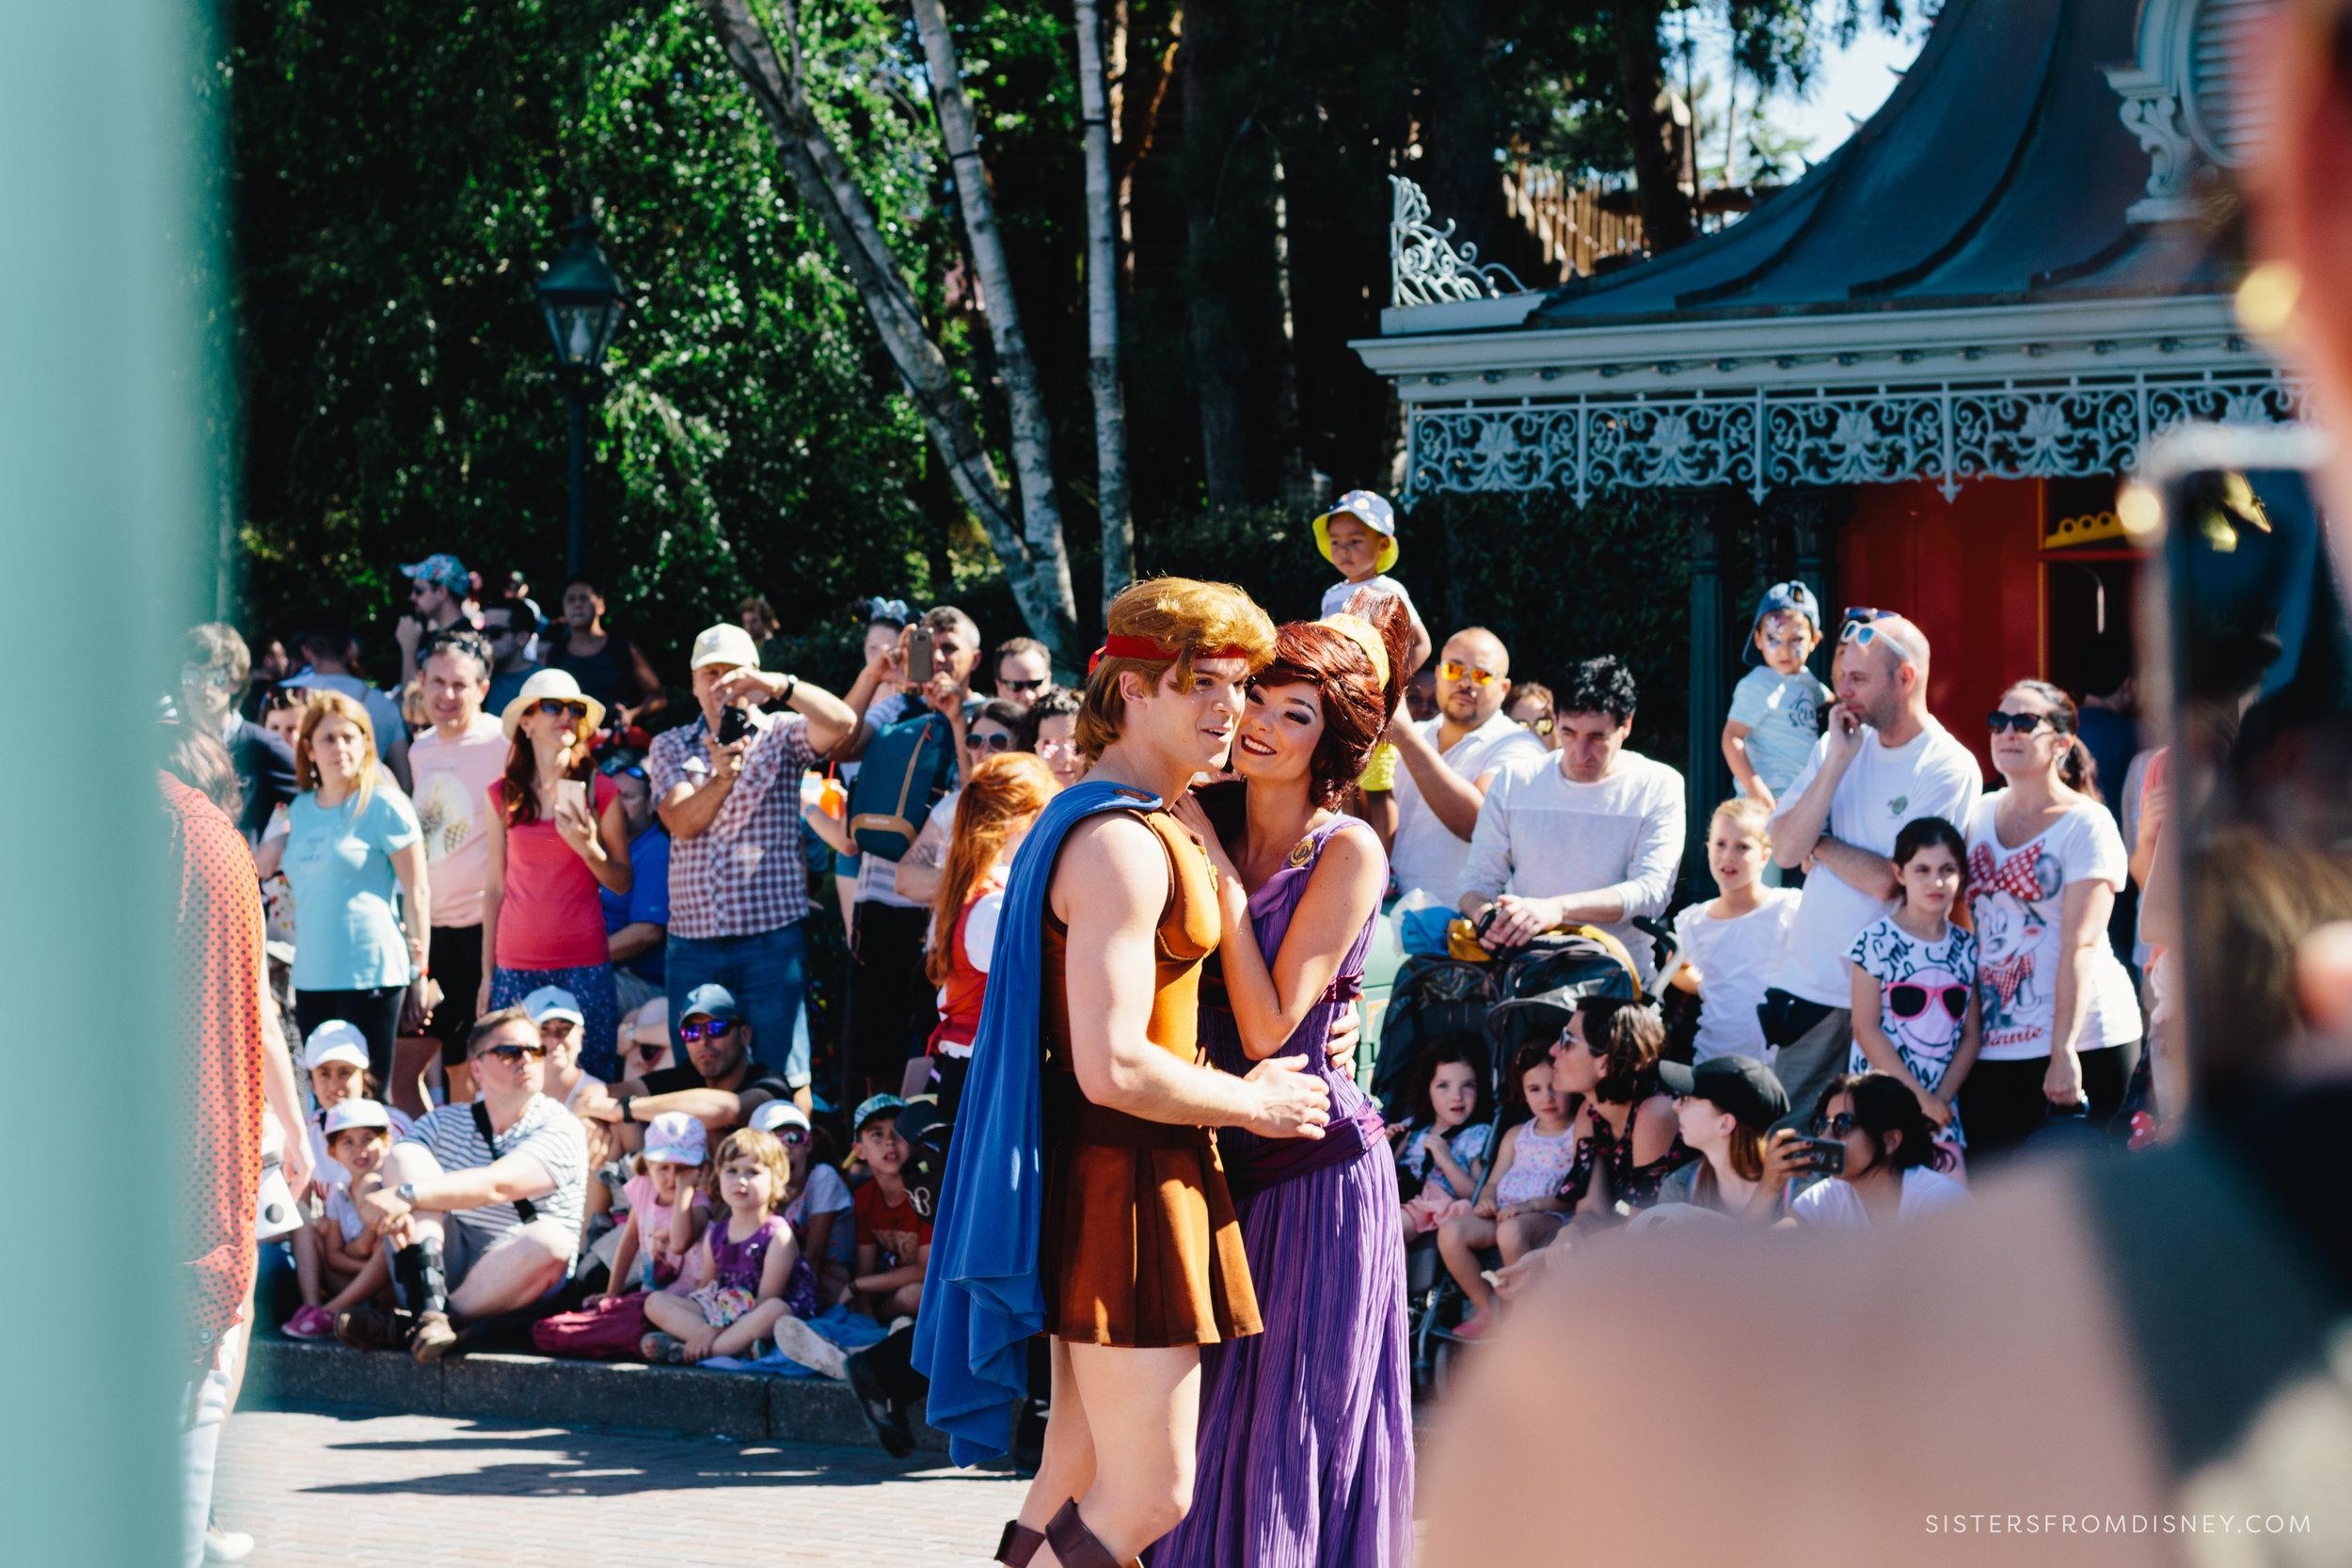 2018June_SFDblog_DisneylandParis_Watermark-3402.jpg